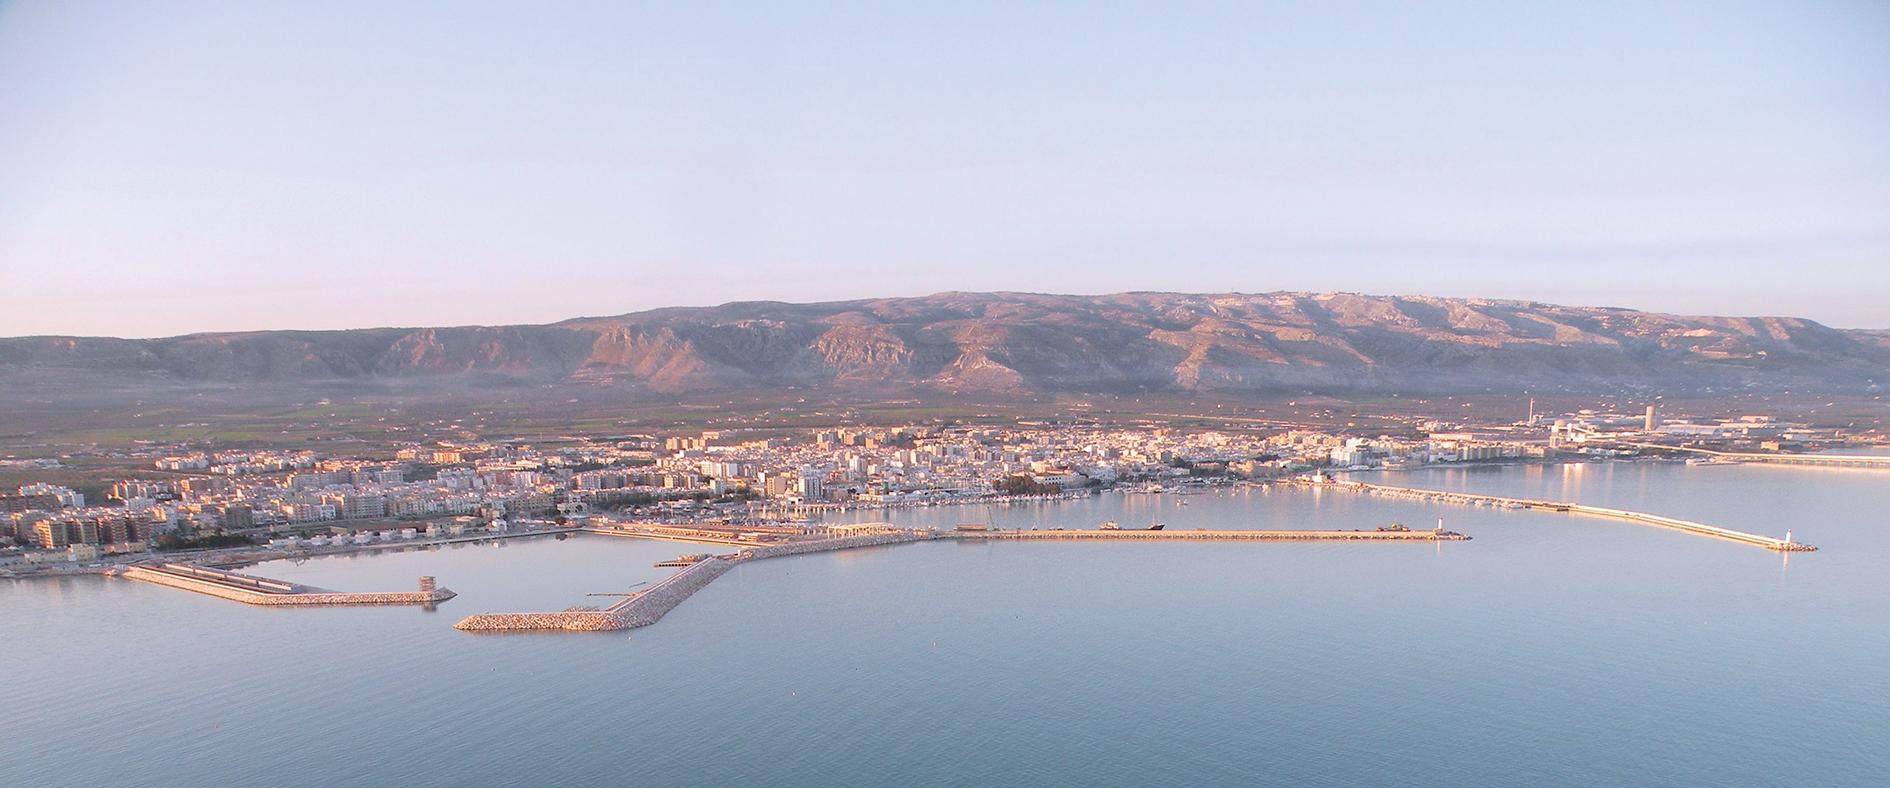 171 Cappotti 187 Per Gli Edifici Del Nuovo Porto Turistico Di